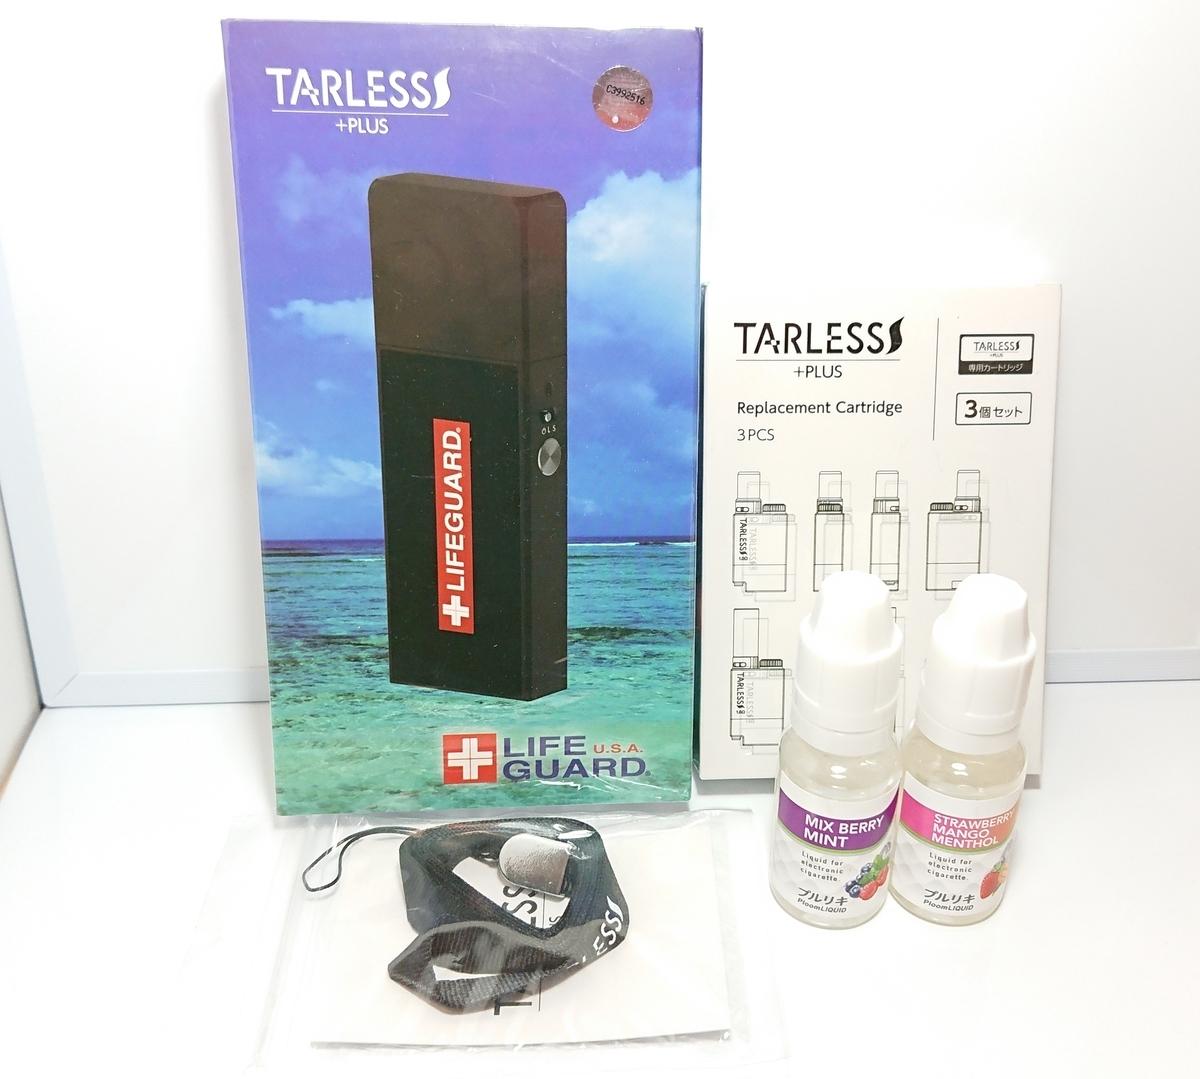 20191001151132 - TARLESSが進化したTARLESS PLUS(ターレスプラス)レビュー!節煙、禁煙対策、プルームテック互換【令和式電子タバコ】